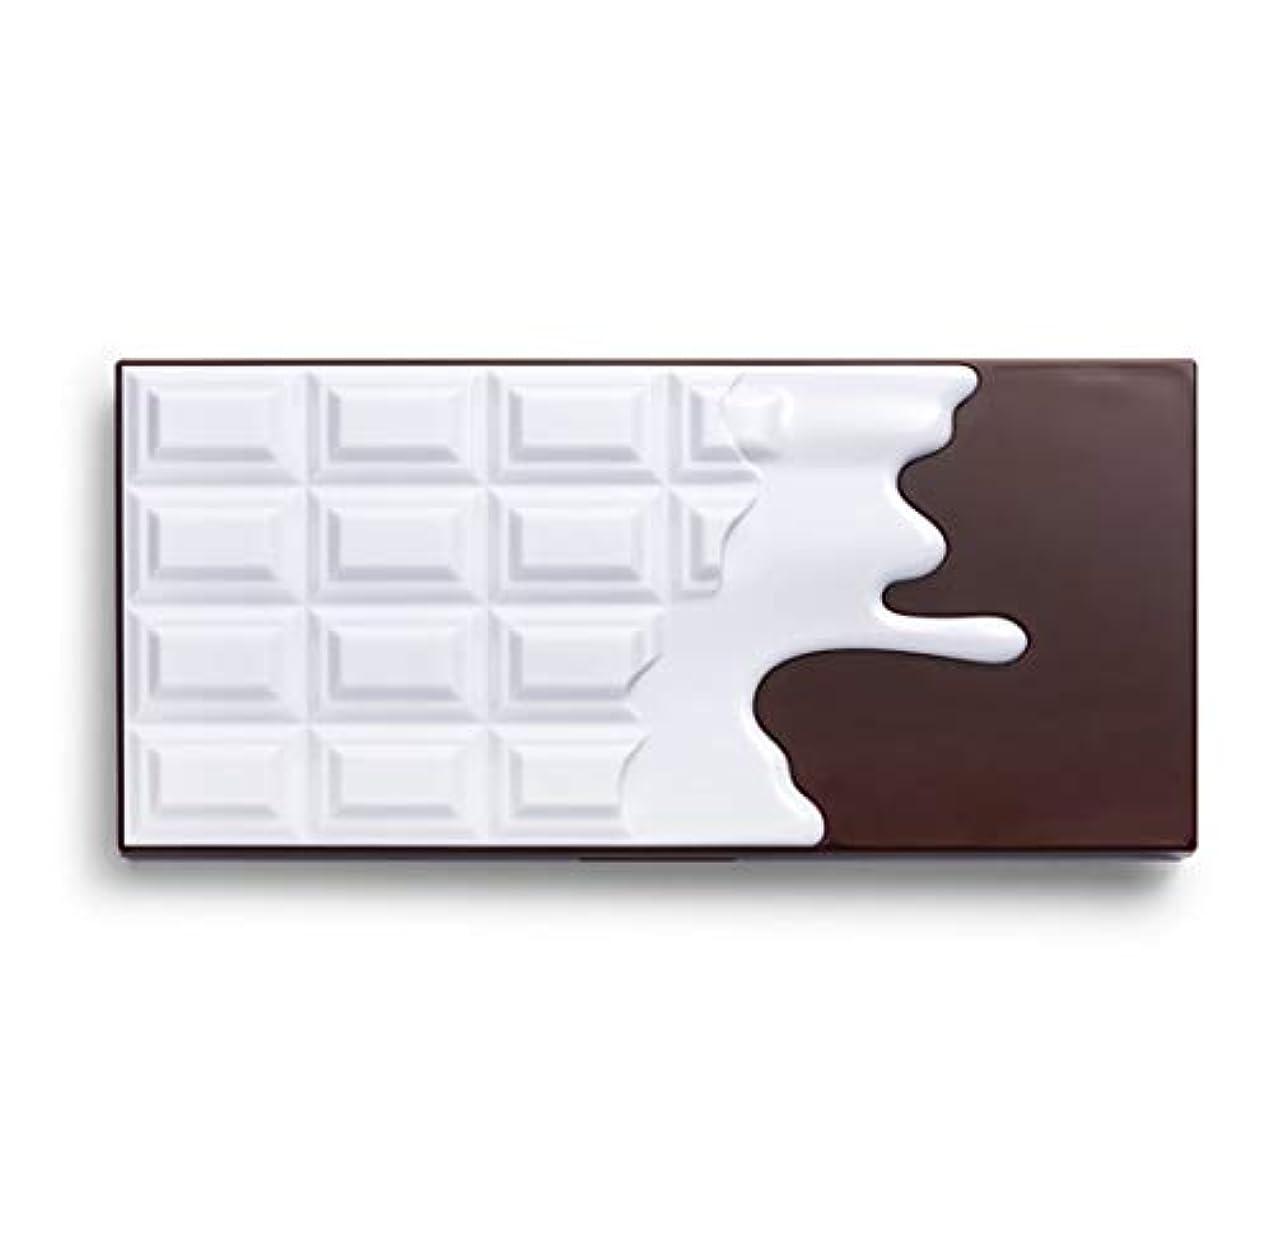 ロック解除経歴なめるメイクアップレボリューション アイラブメイクアップ チョコレート型18色アイシャドウパレット #Smores Chocolate